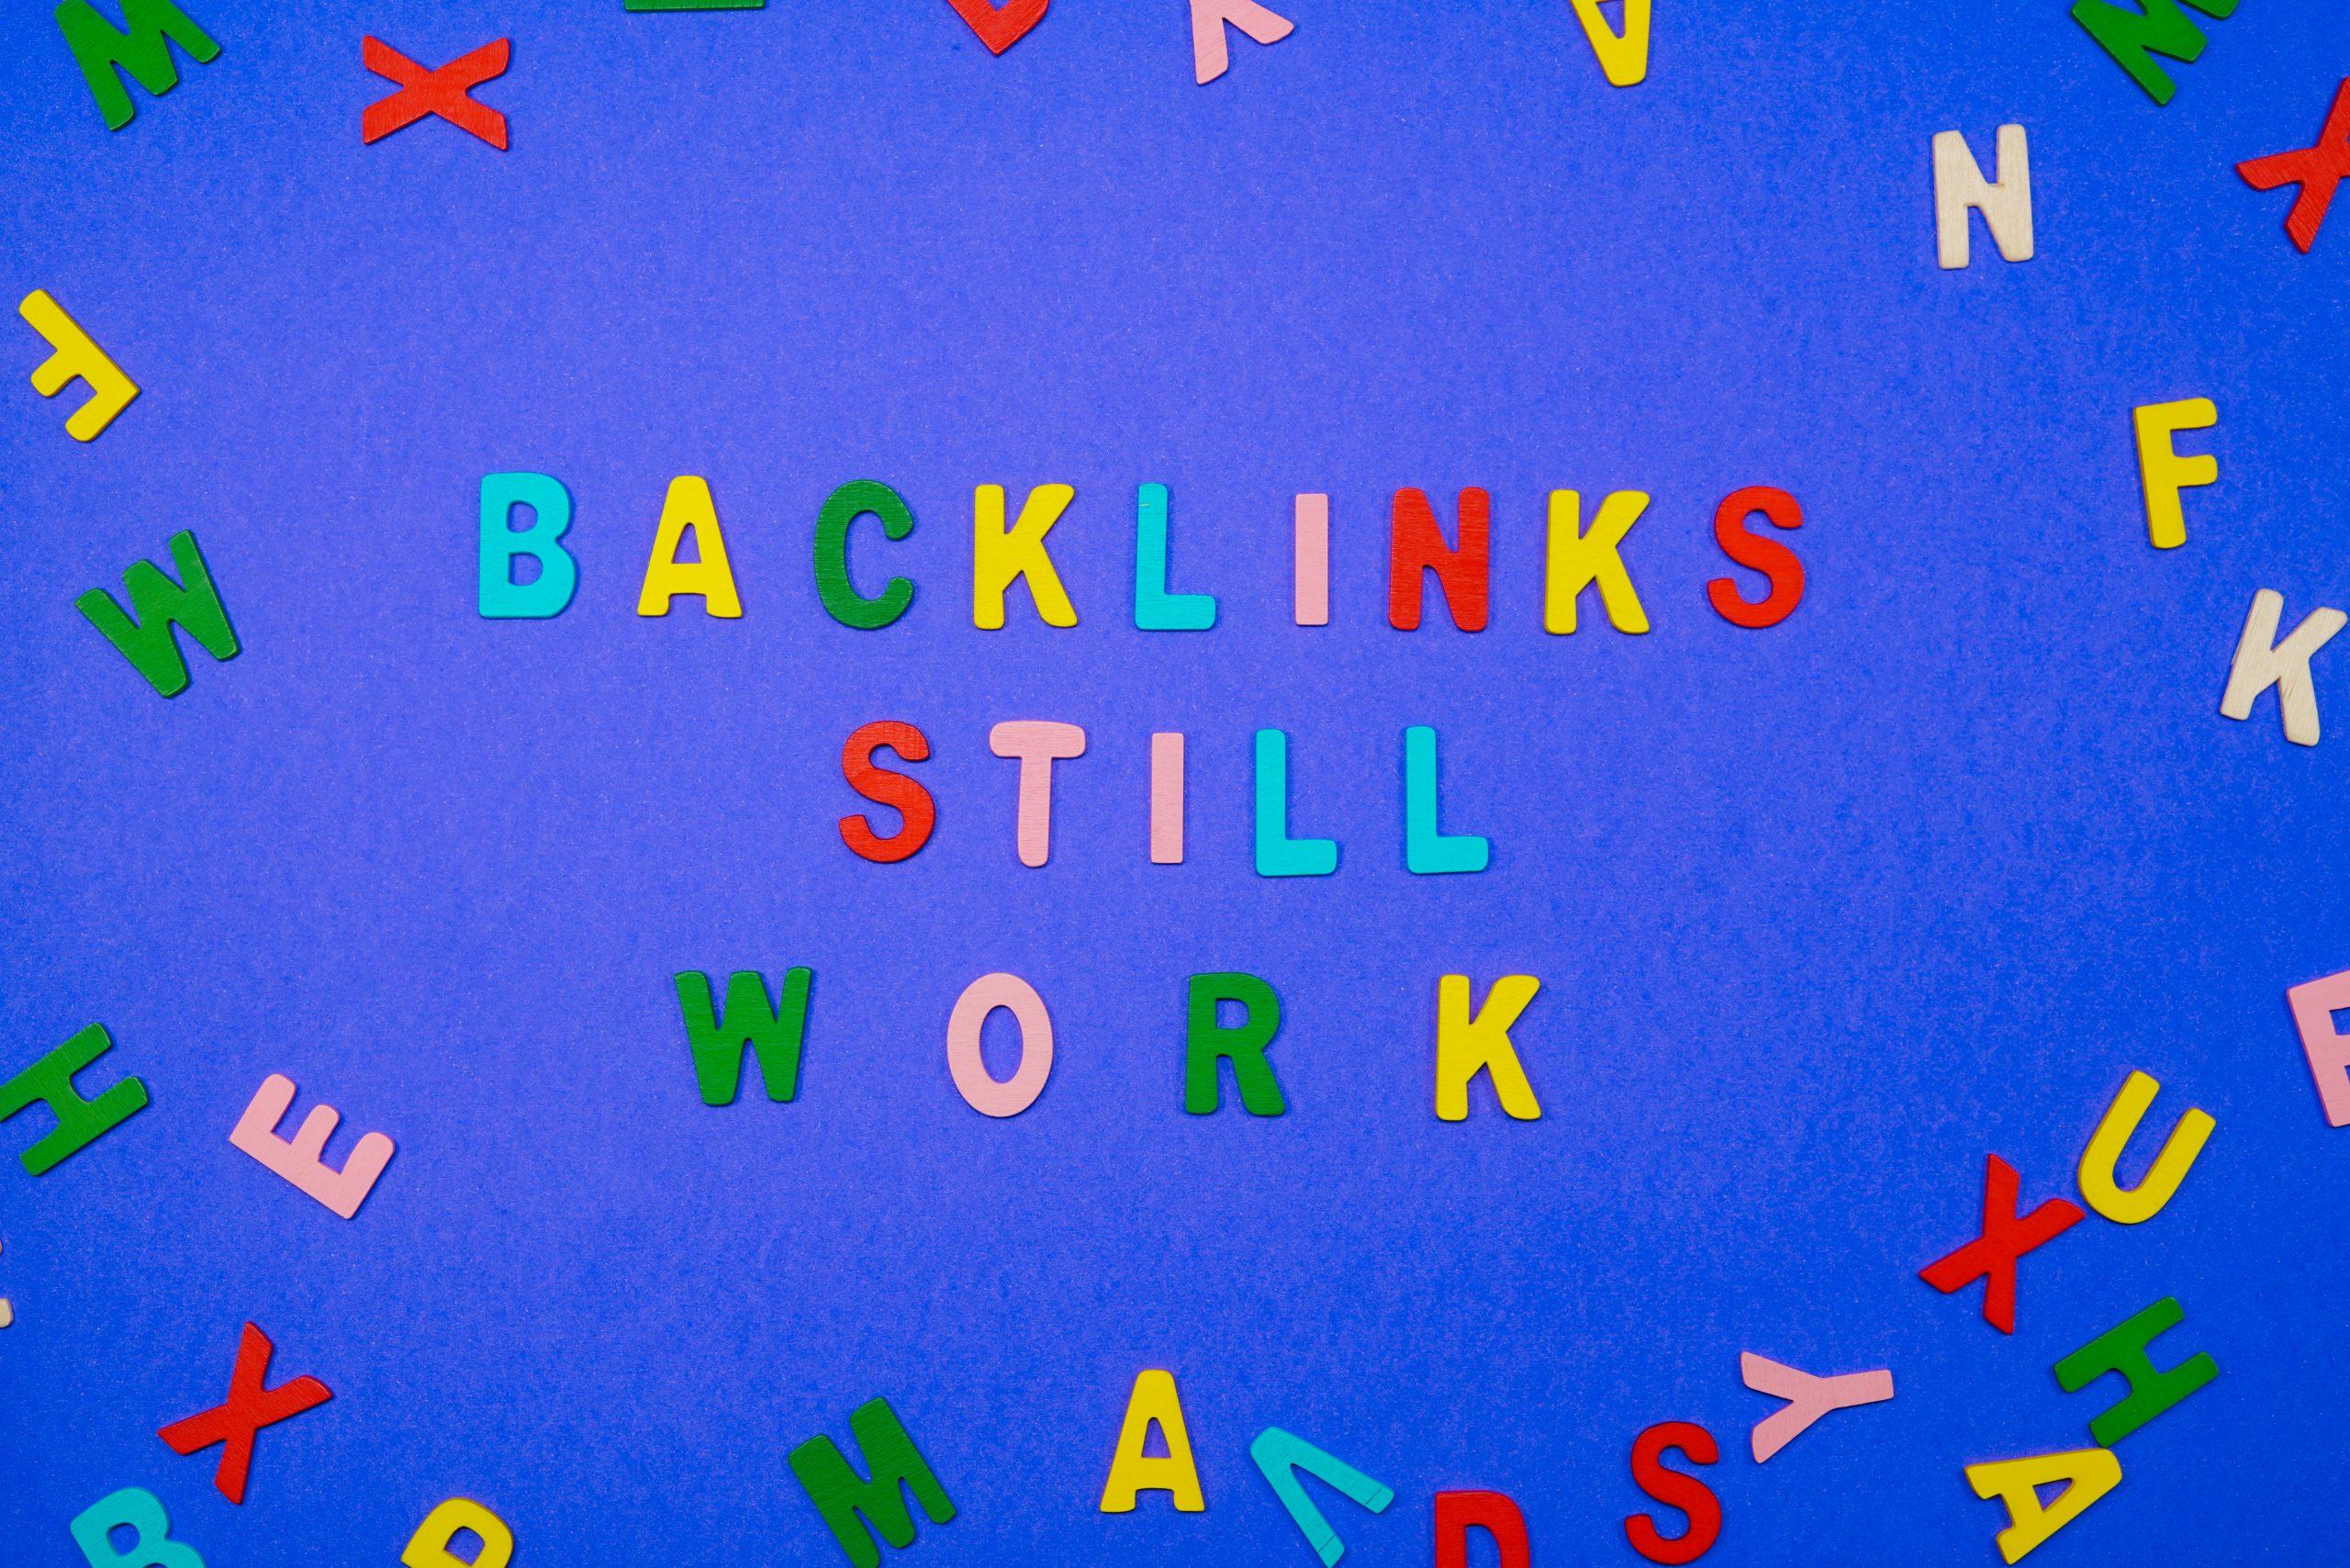 Backlinks Still Work